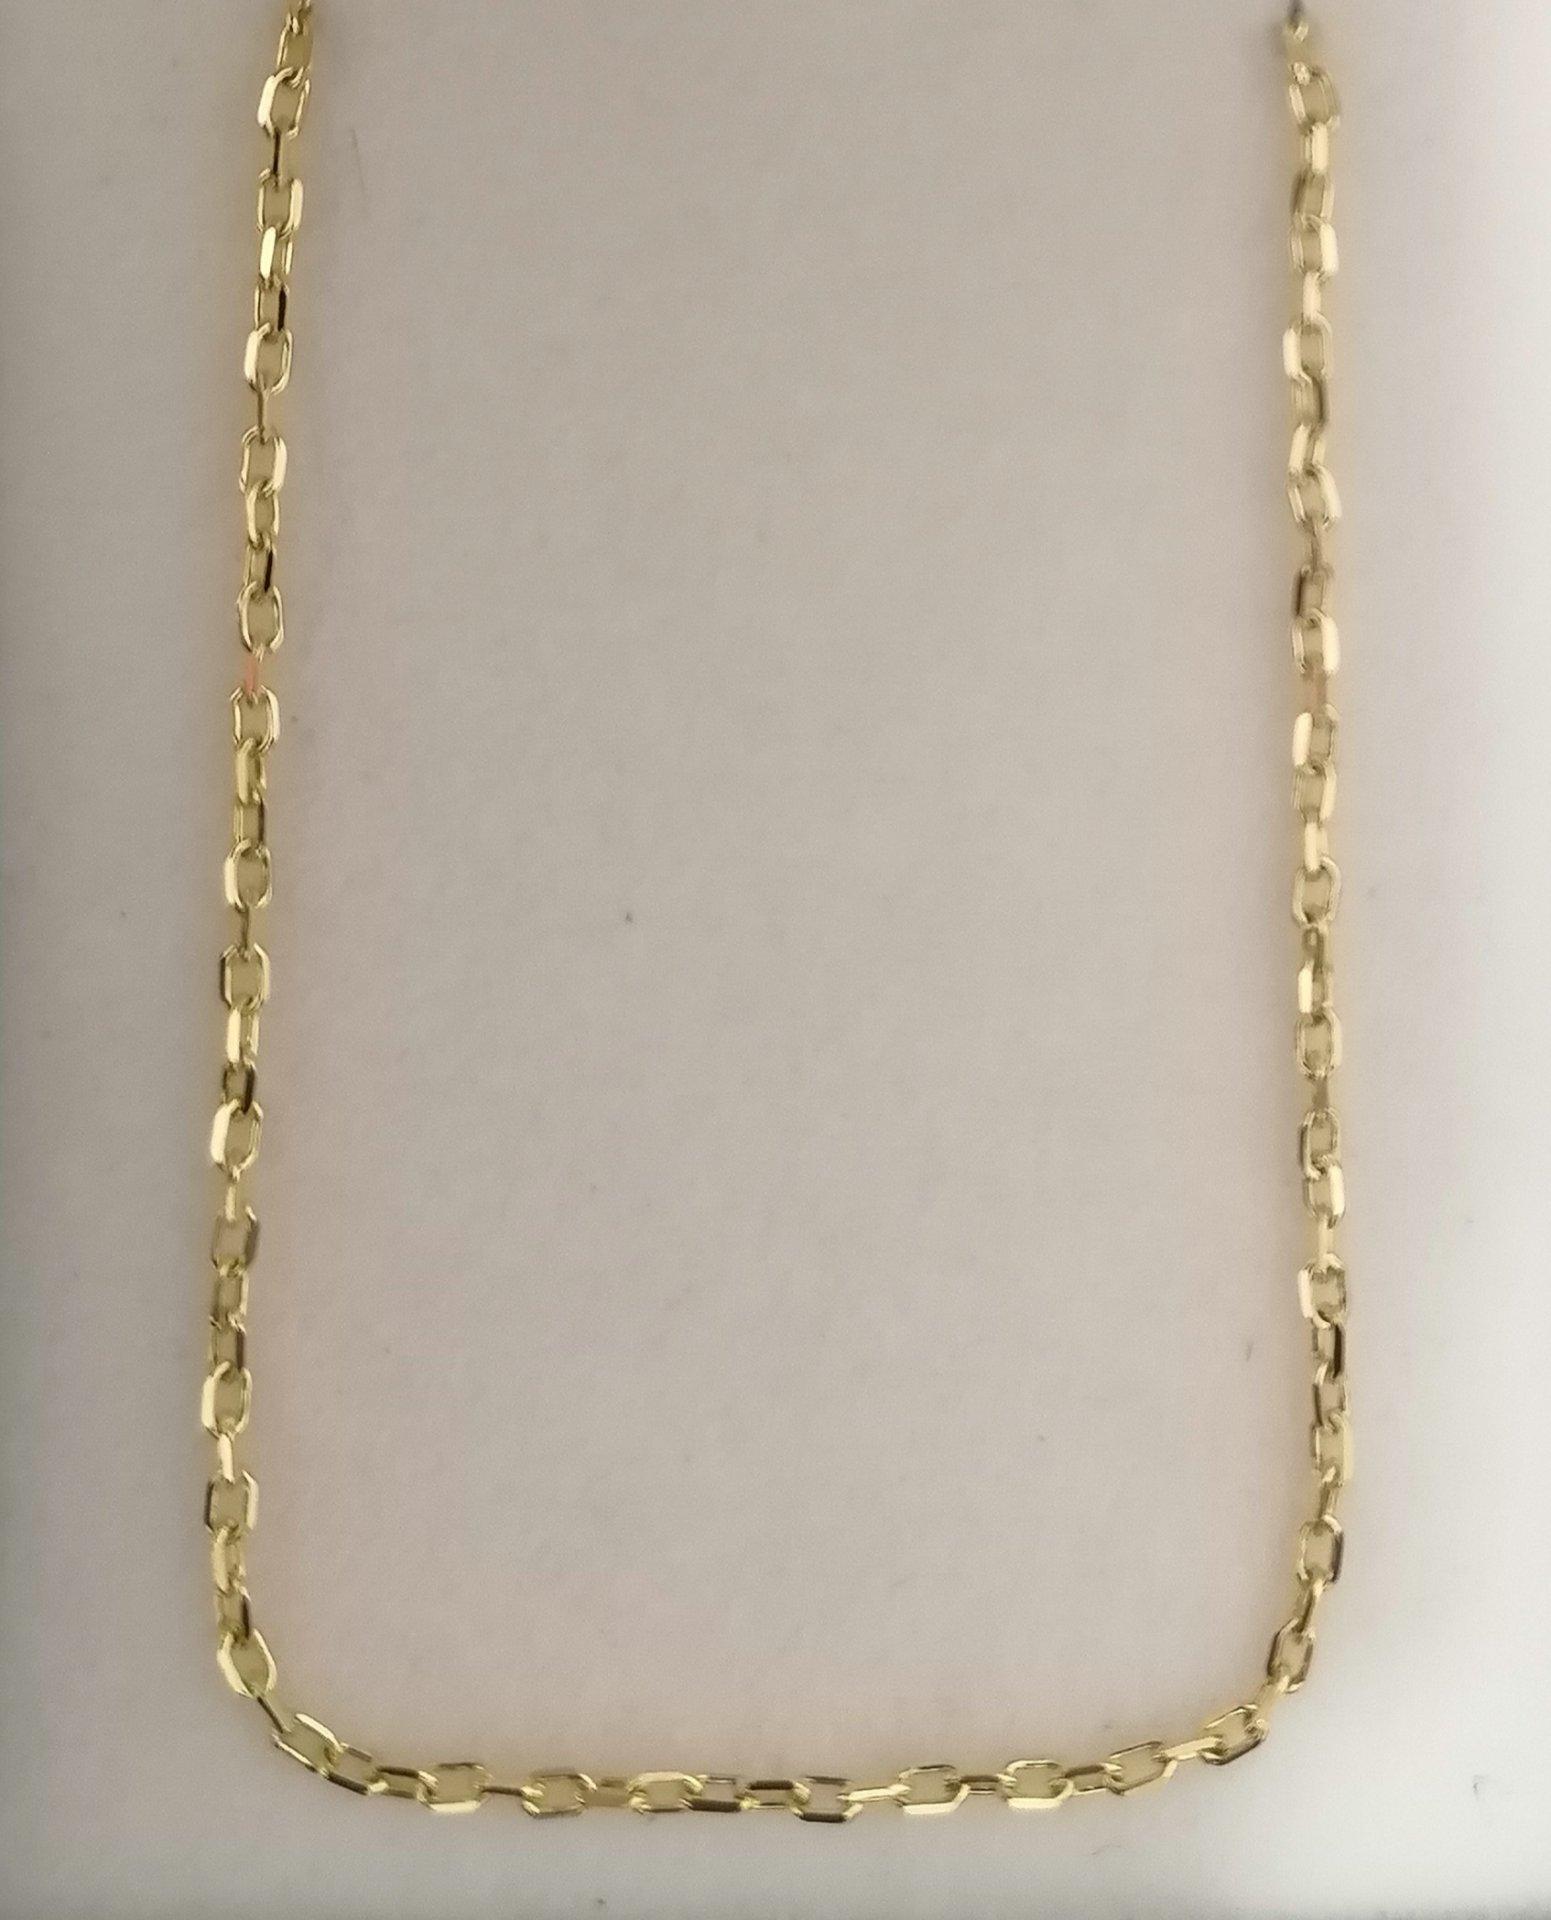 bonita cadena de oro forzada de 45 cm ideal mujer o niña